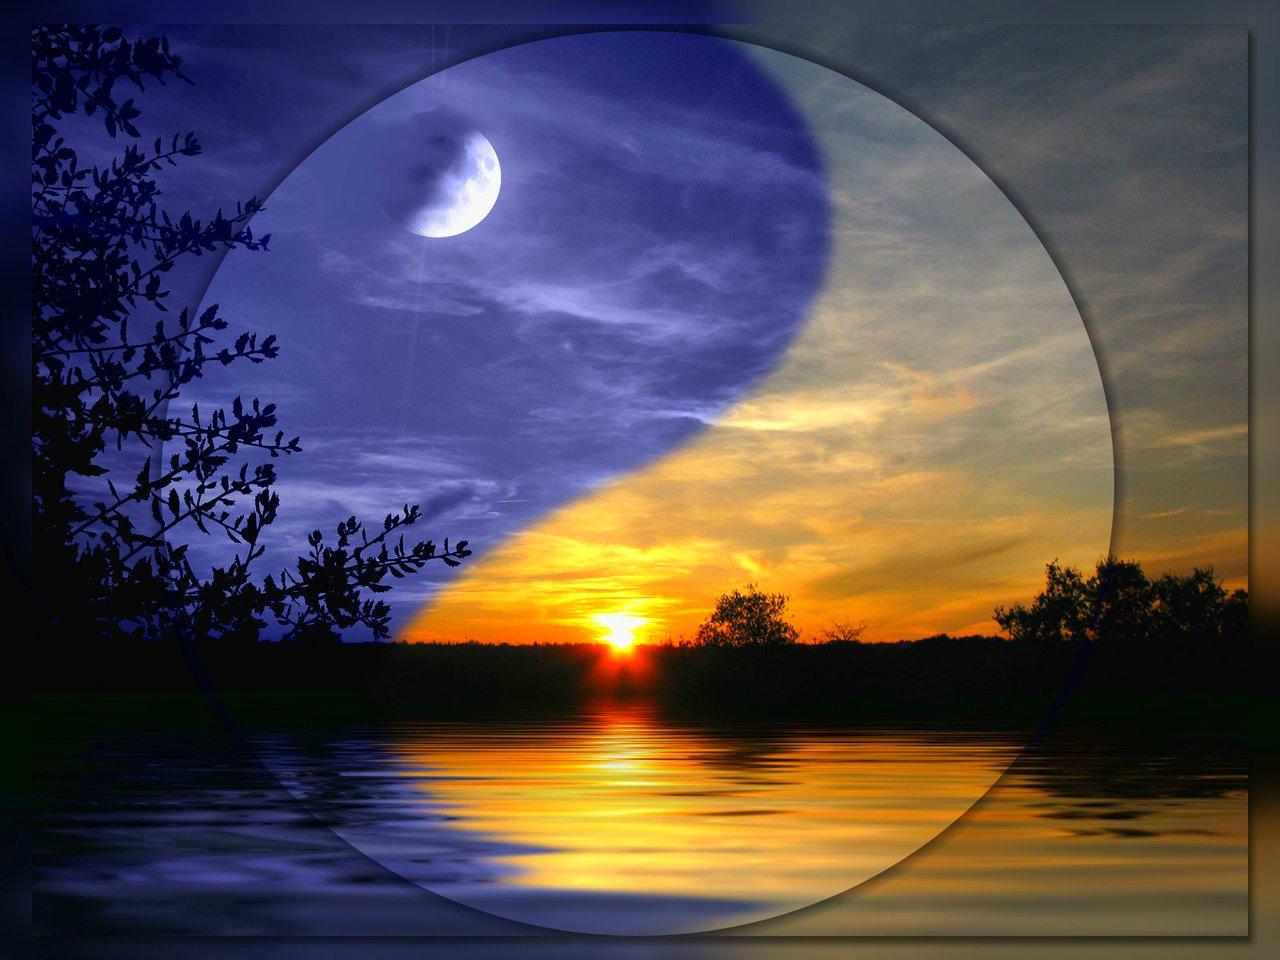 sun-and-moon-in-balance